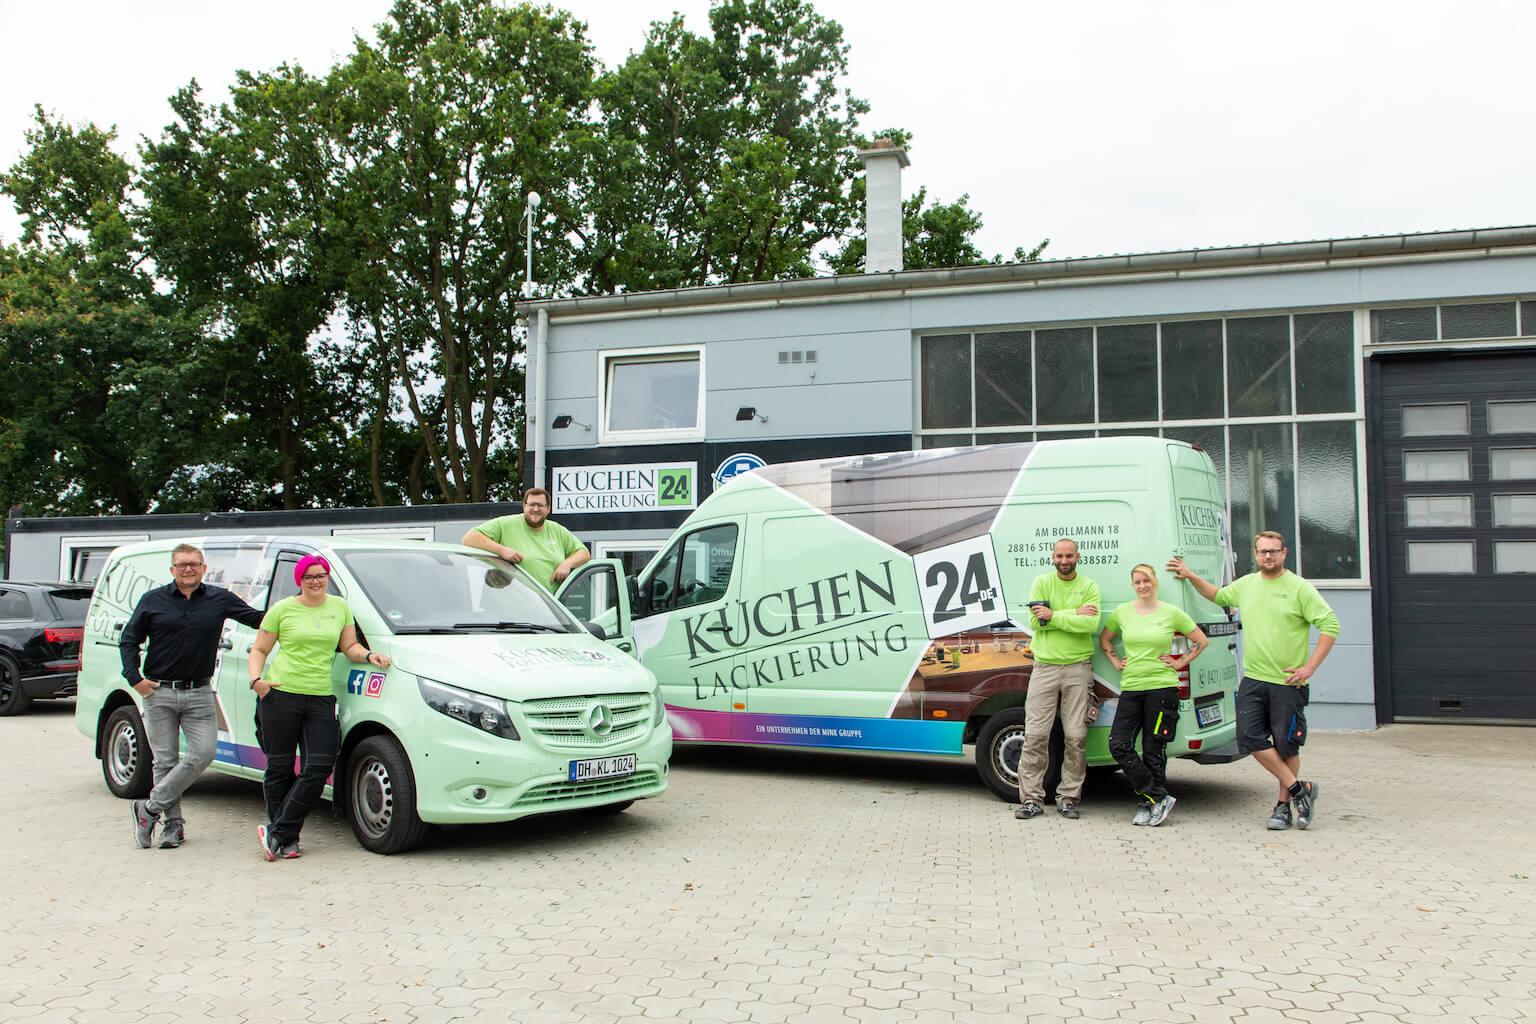 Küchenlackierung24 - Team